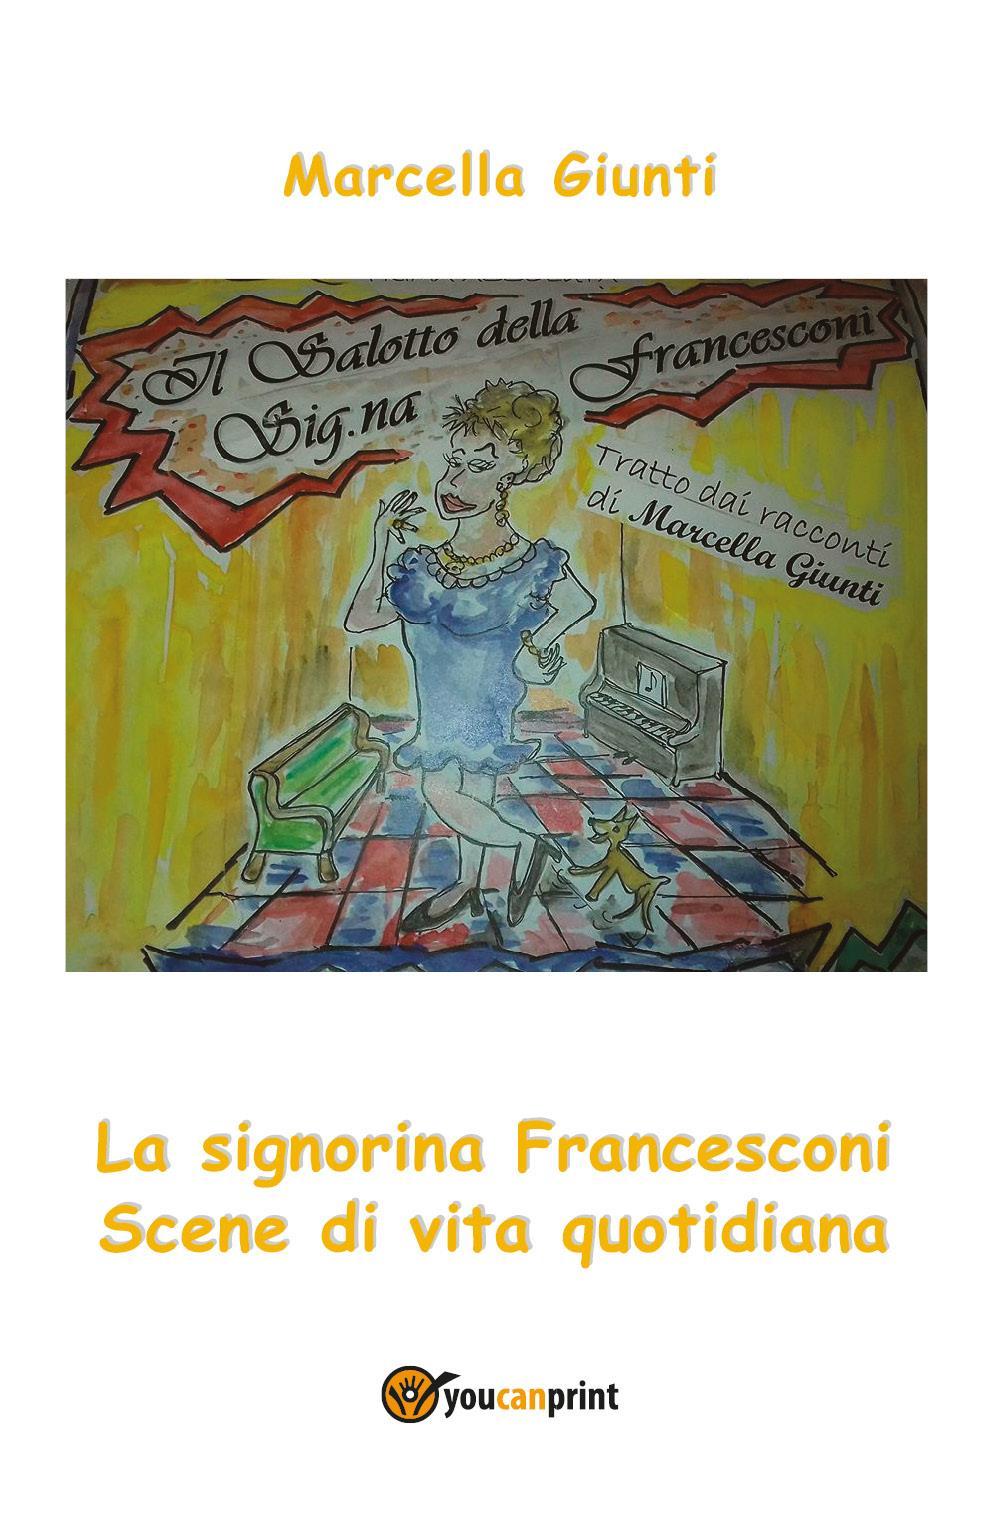 Il salotto della Signorina Francesconi